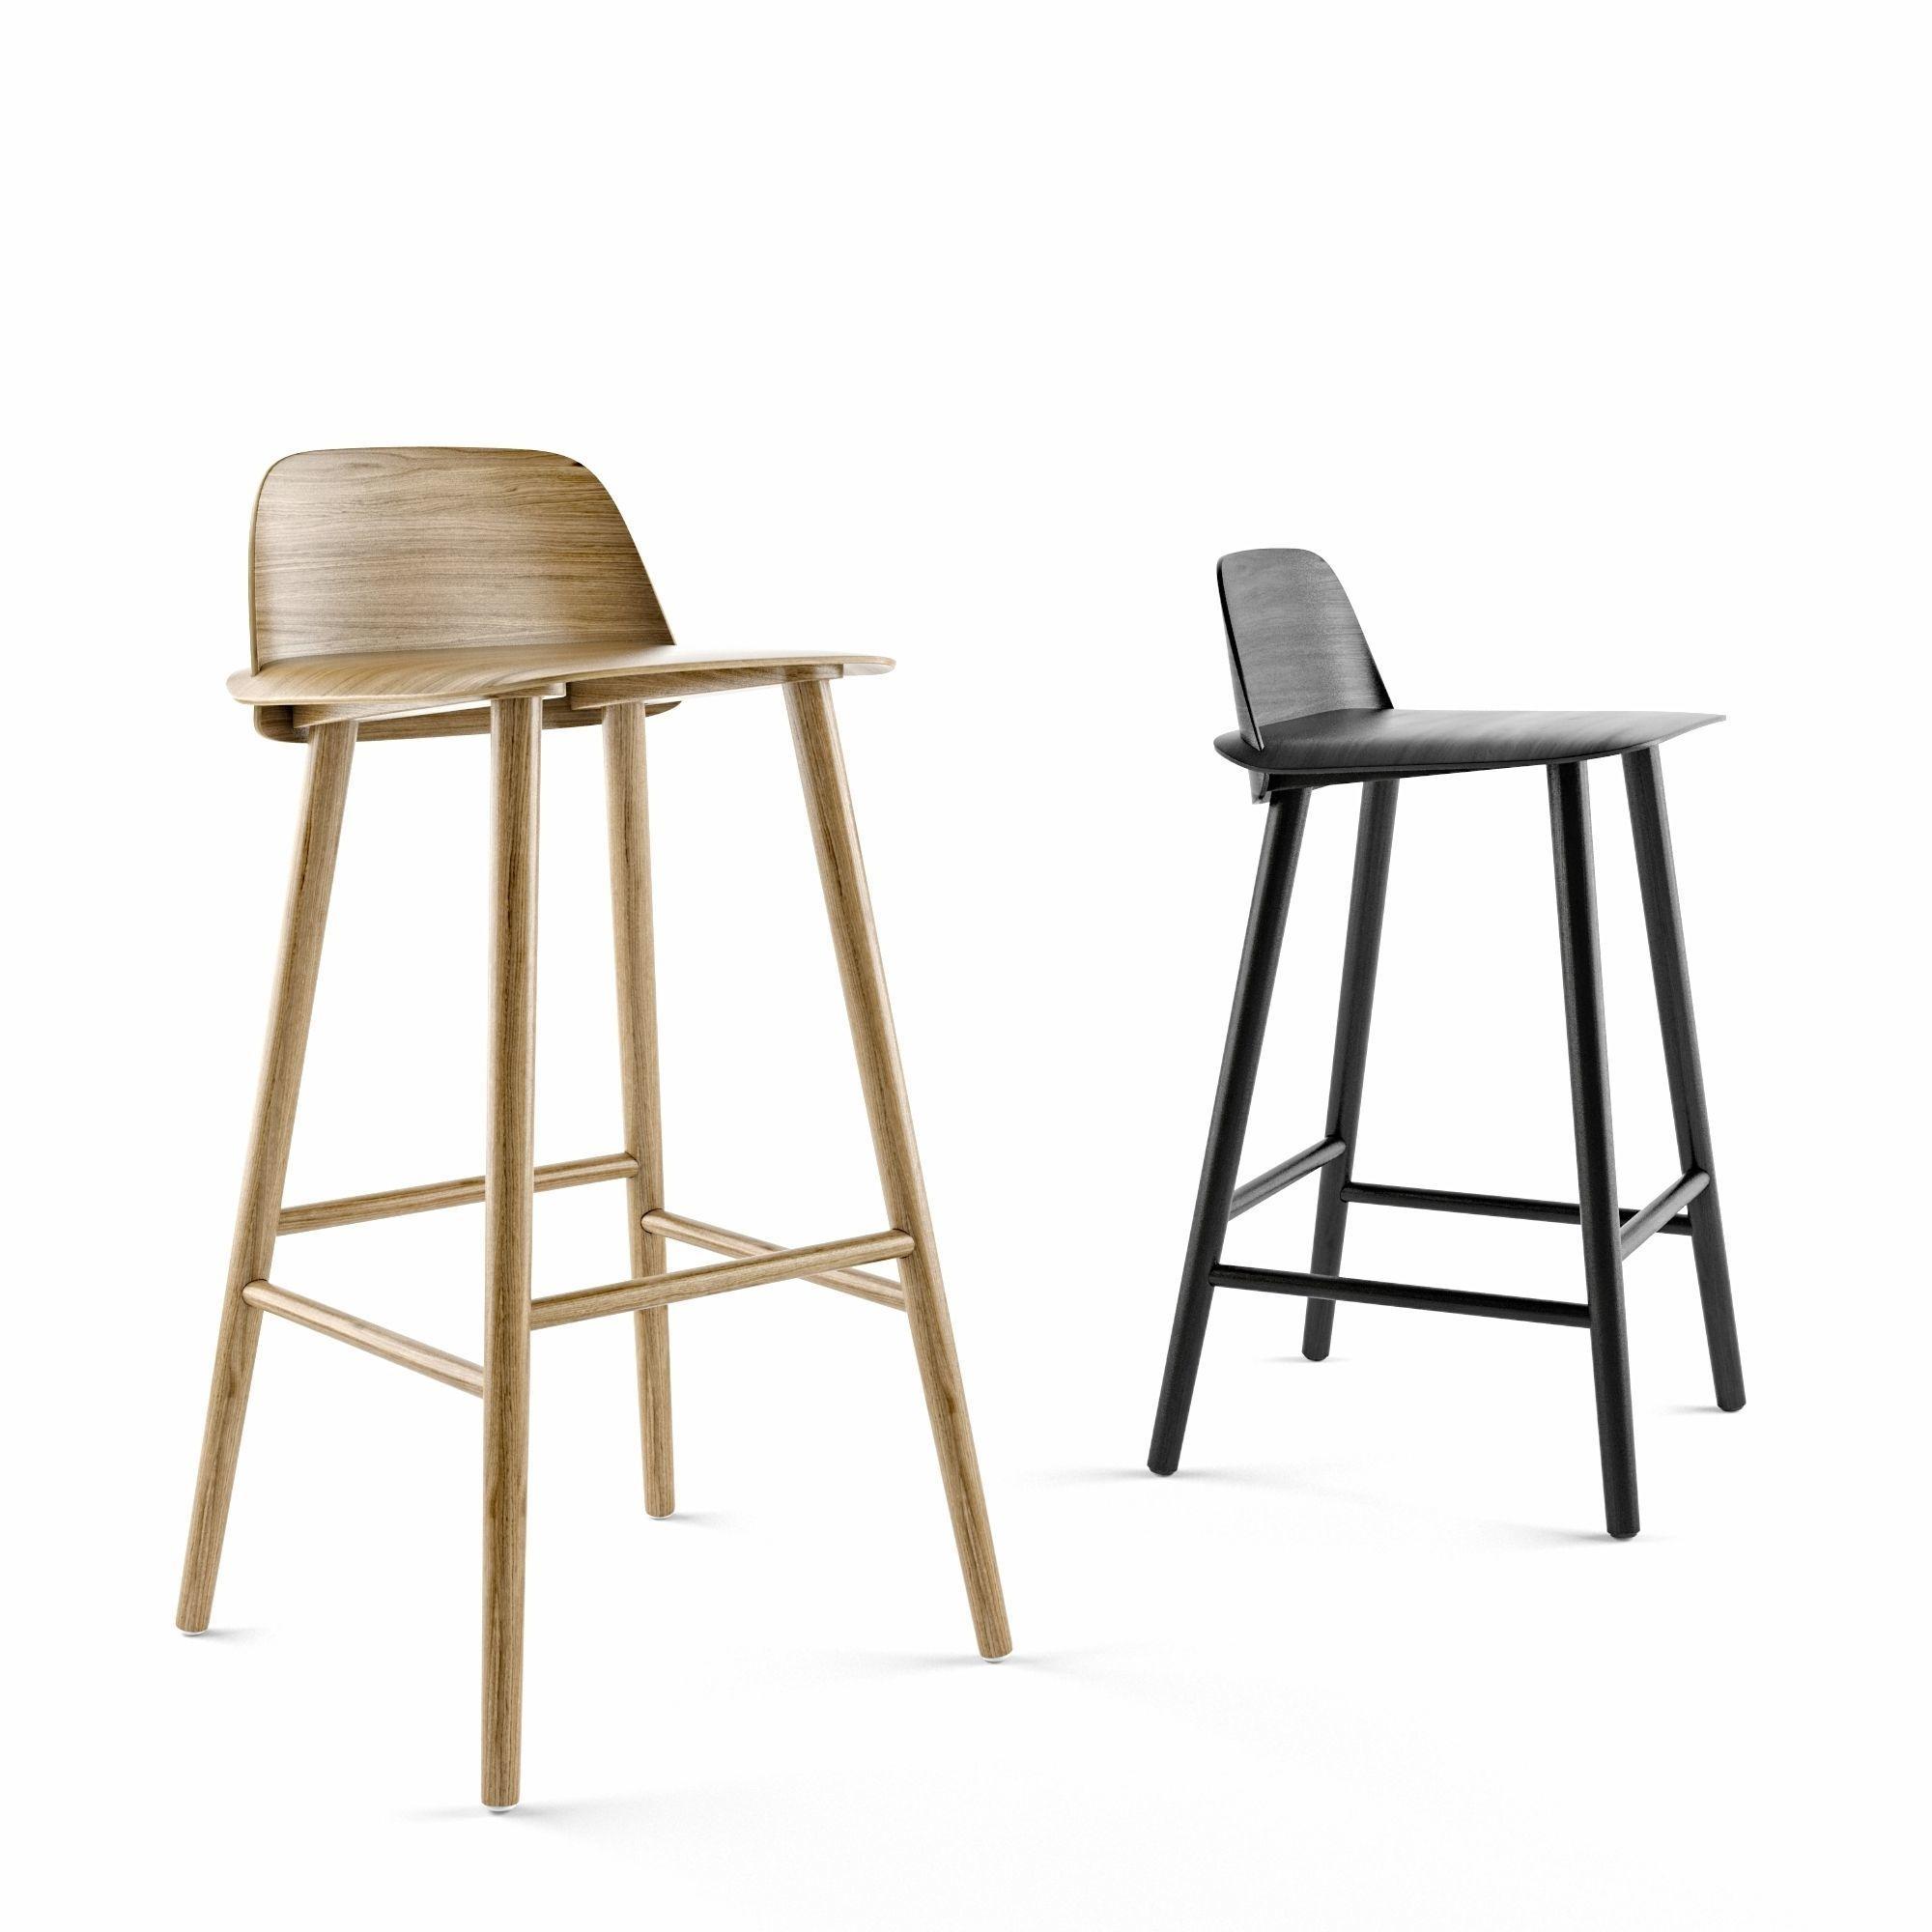 online retailer e8e7a b1095 MUUTO Nerd Counter stool and Bar Stool | 3D model